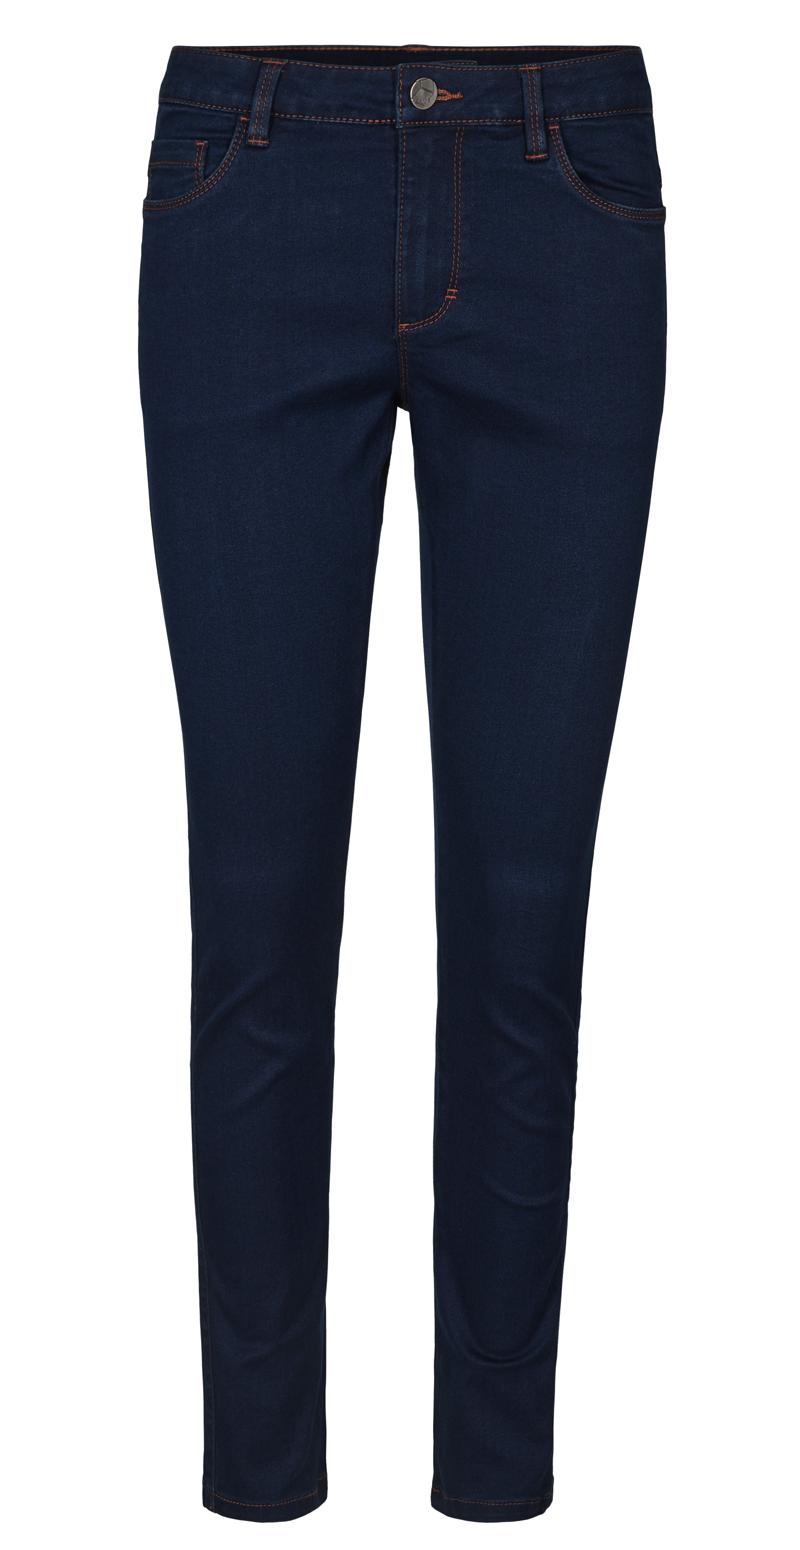 Kaandy jeans